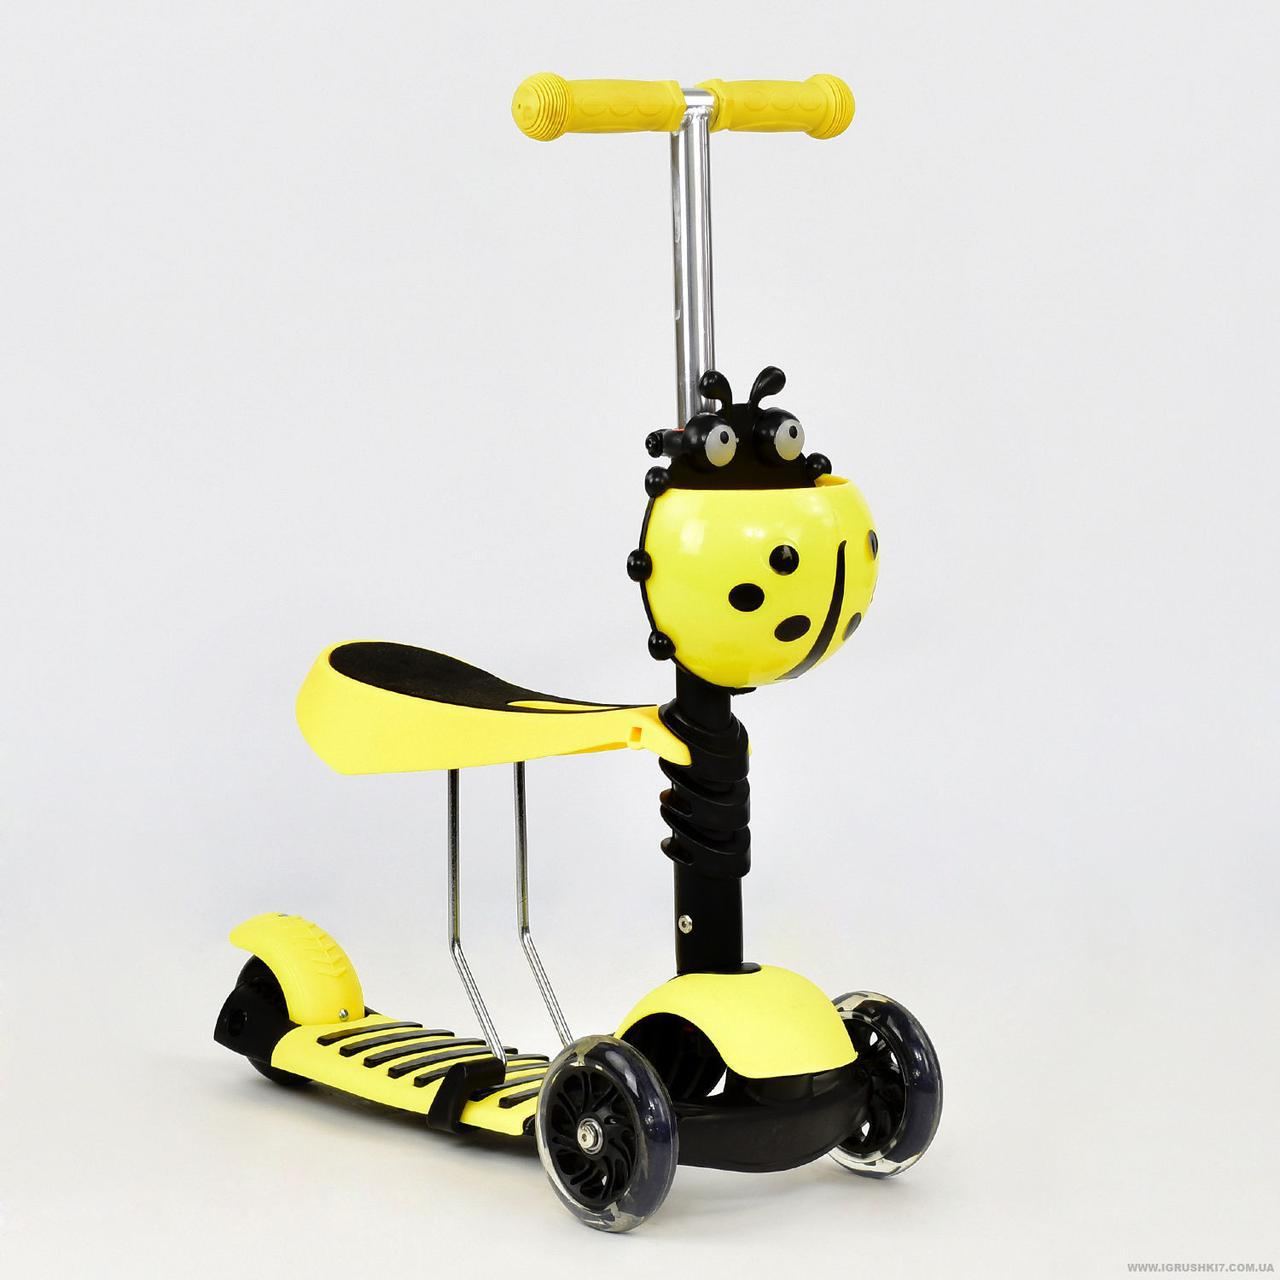 Детский самокат Scooter 3в1 , сиденье, корзинка, А 24667 - 1020 желтый